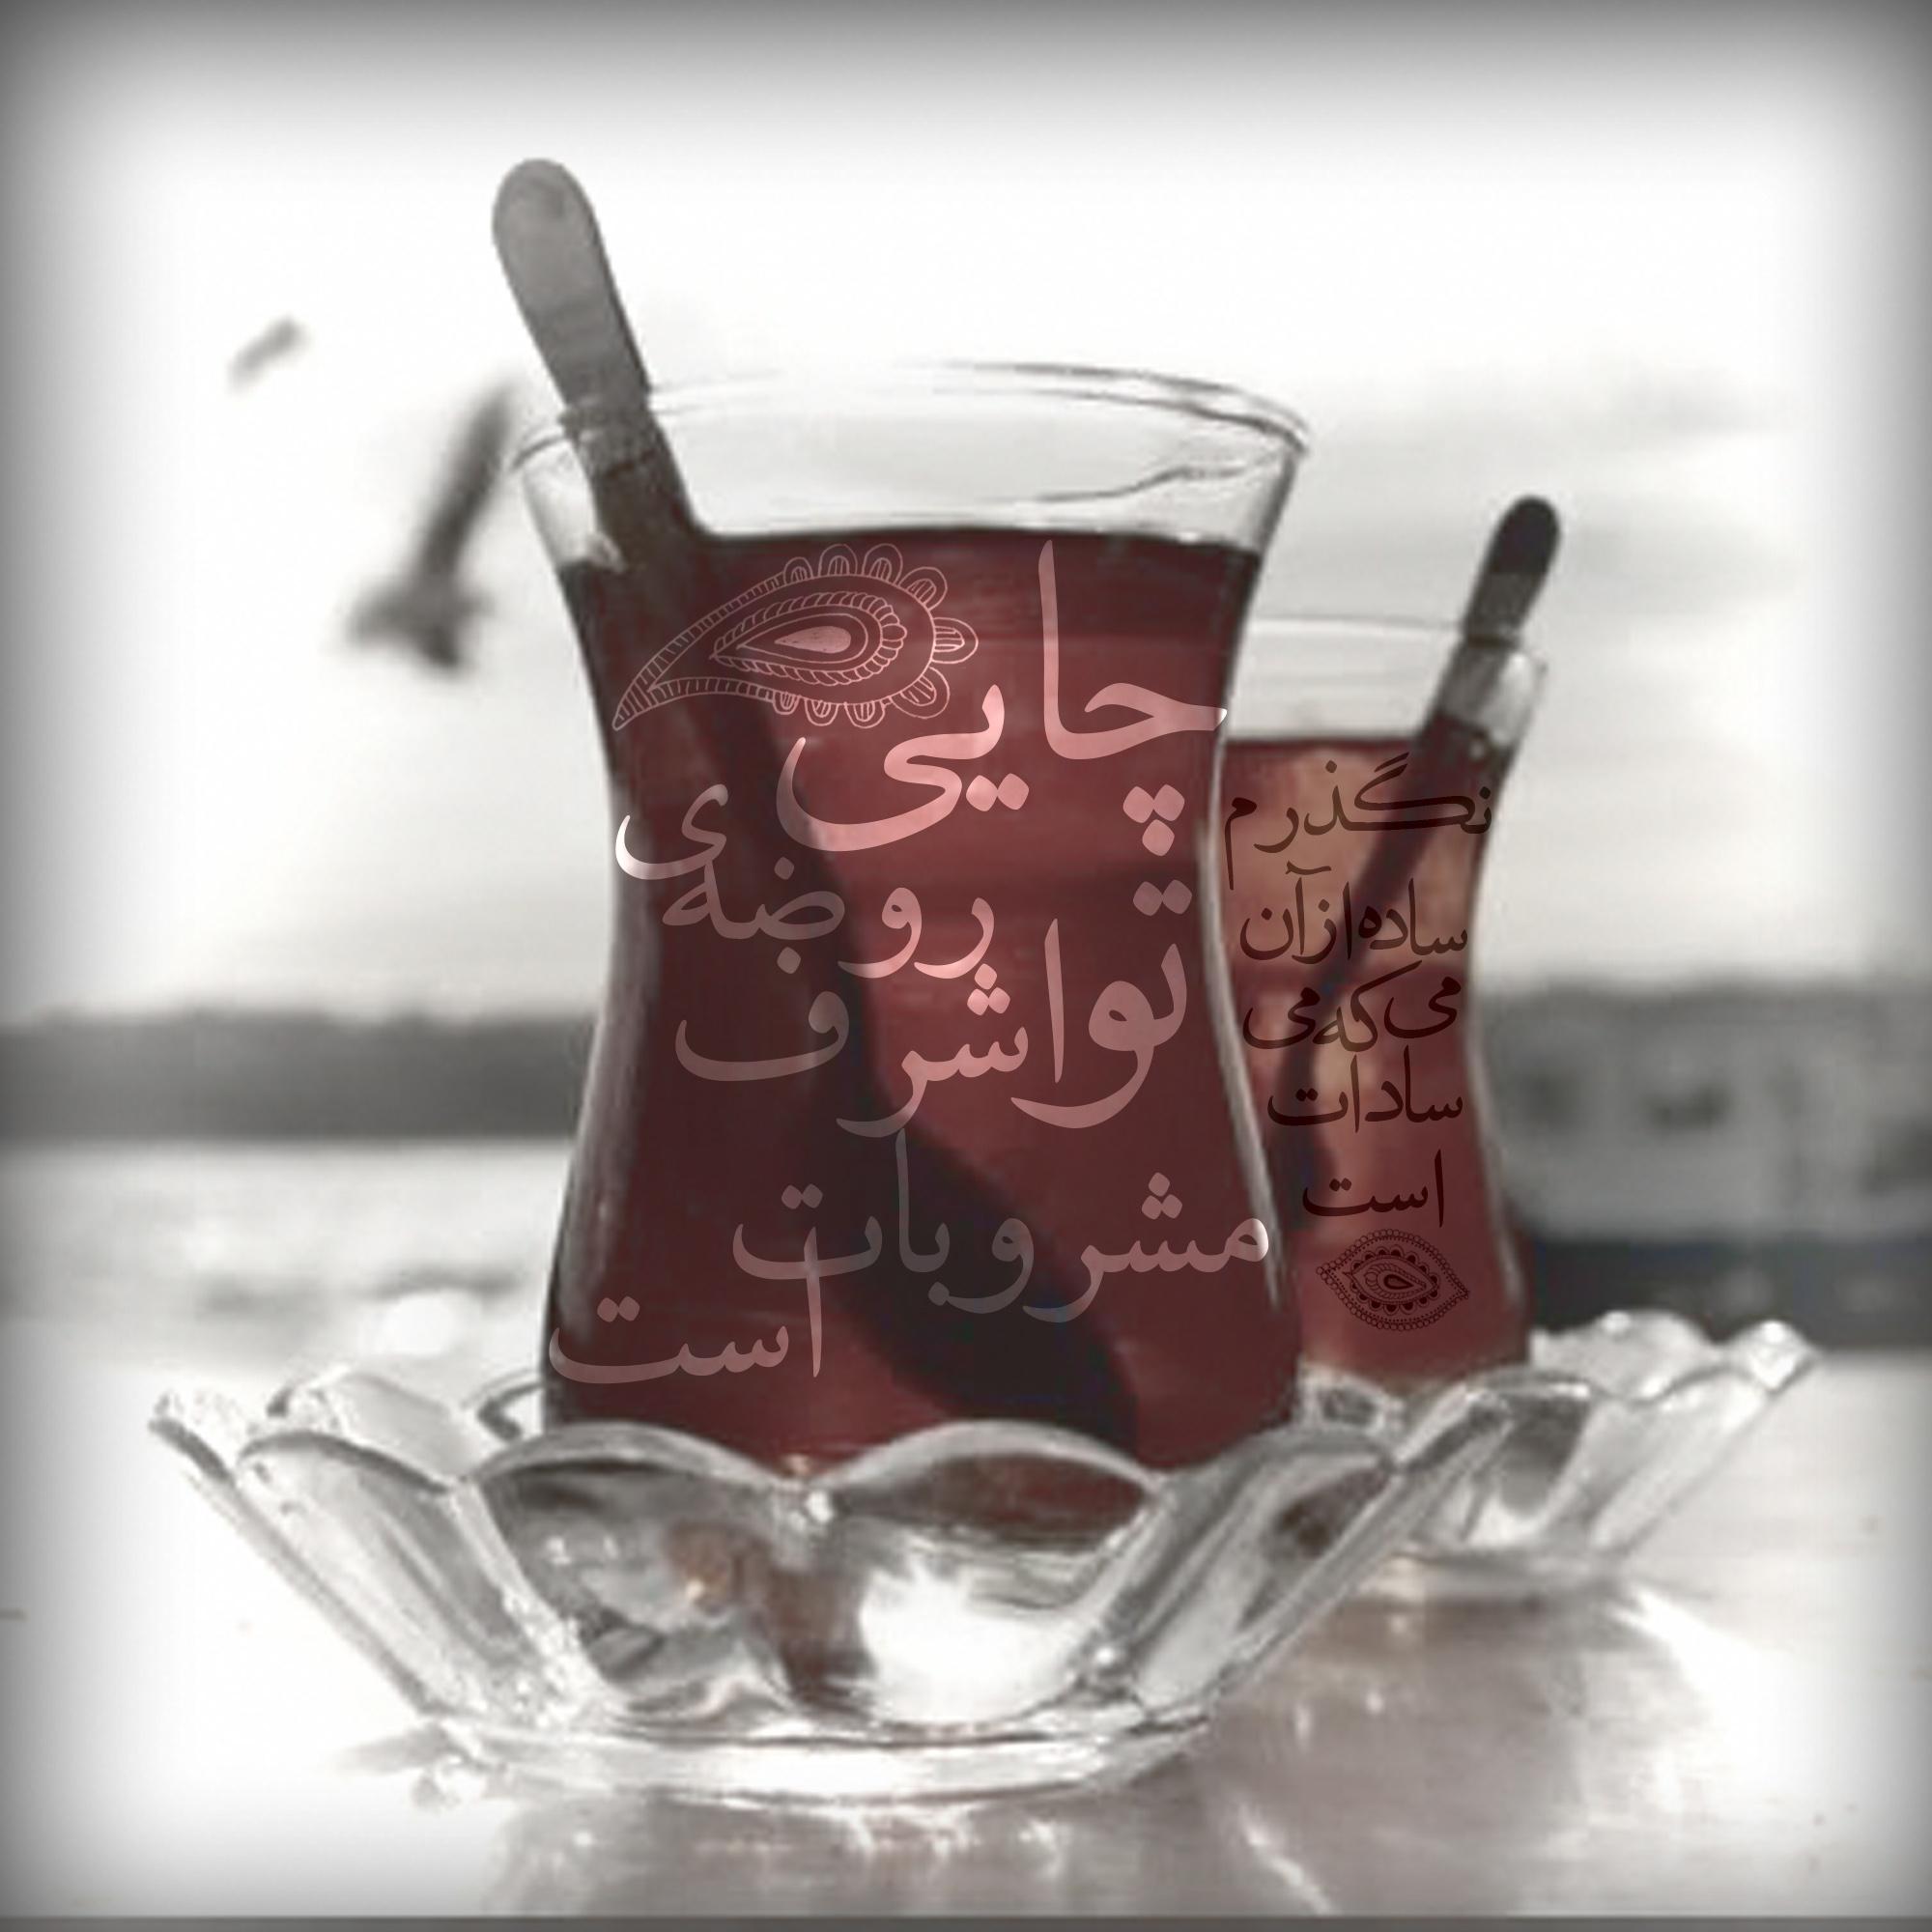 چایی روضه تو اشرف مشروبات است!